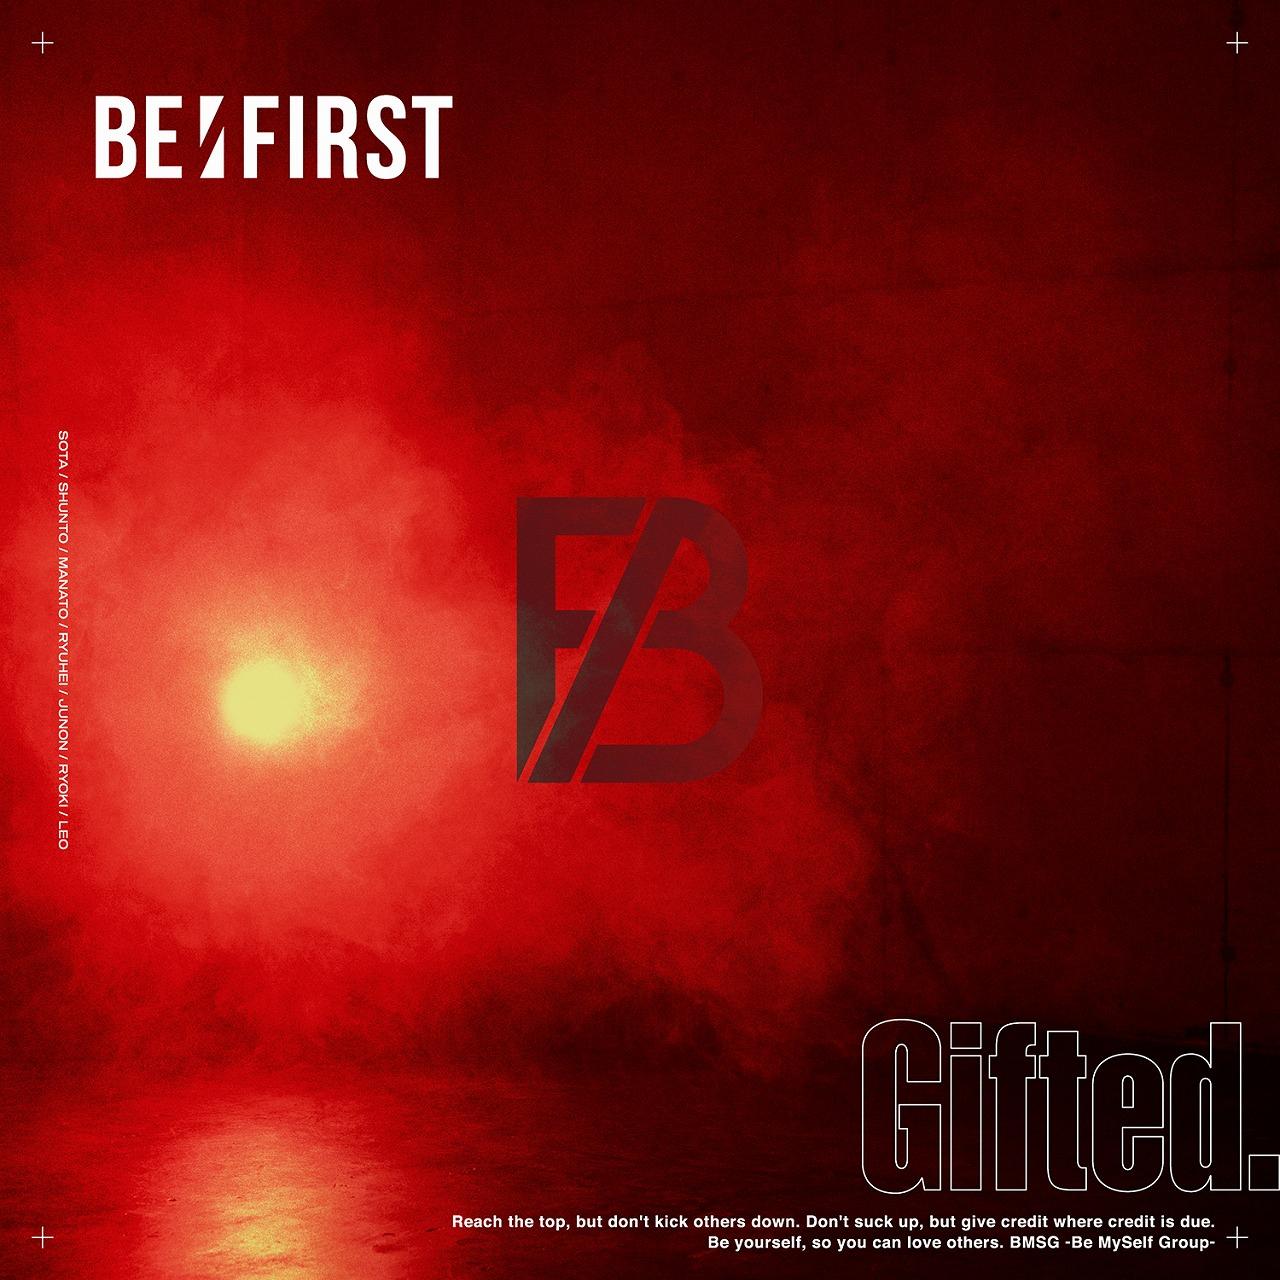 初回生産限定盤(CD)ジャケット